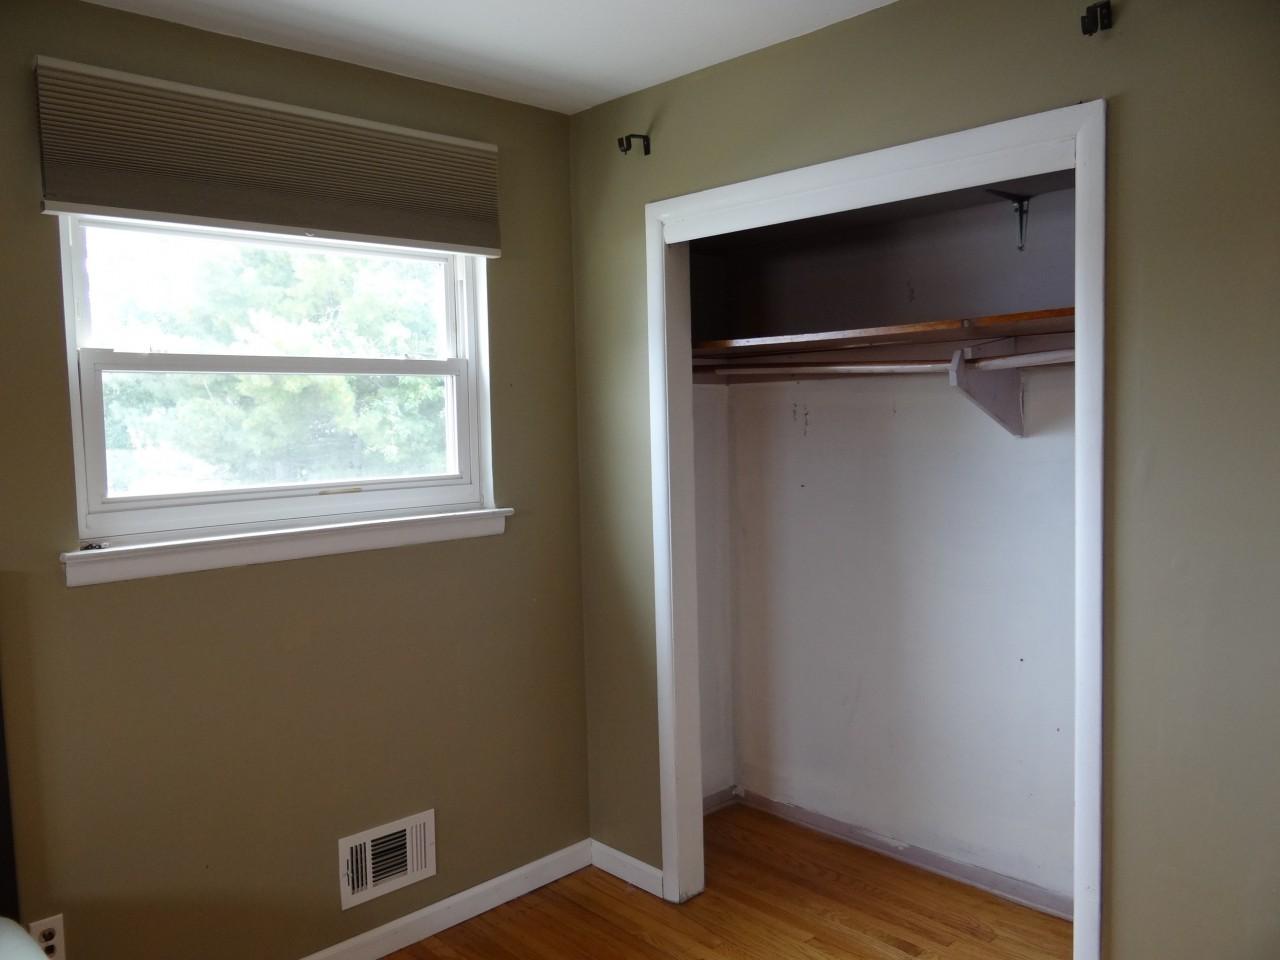 Хозяин квартиры преобразил нишу в комнате. А главное удалось разместить все необходимое